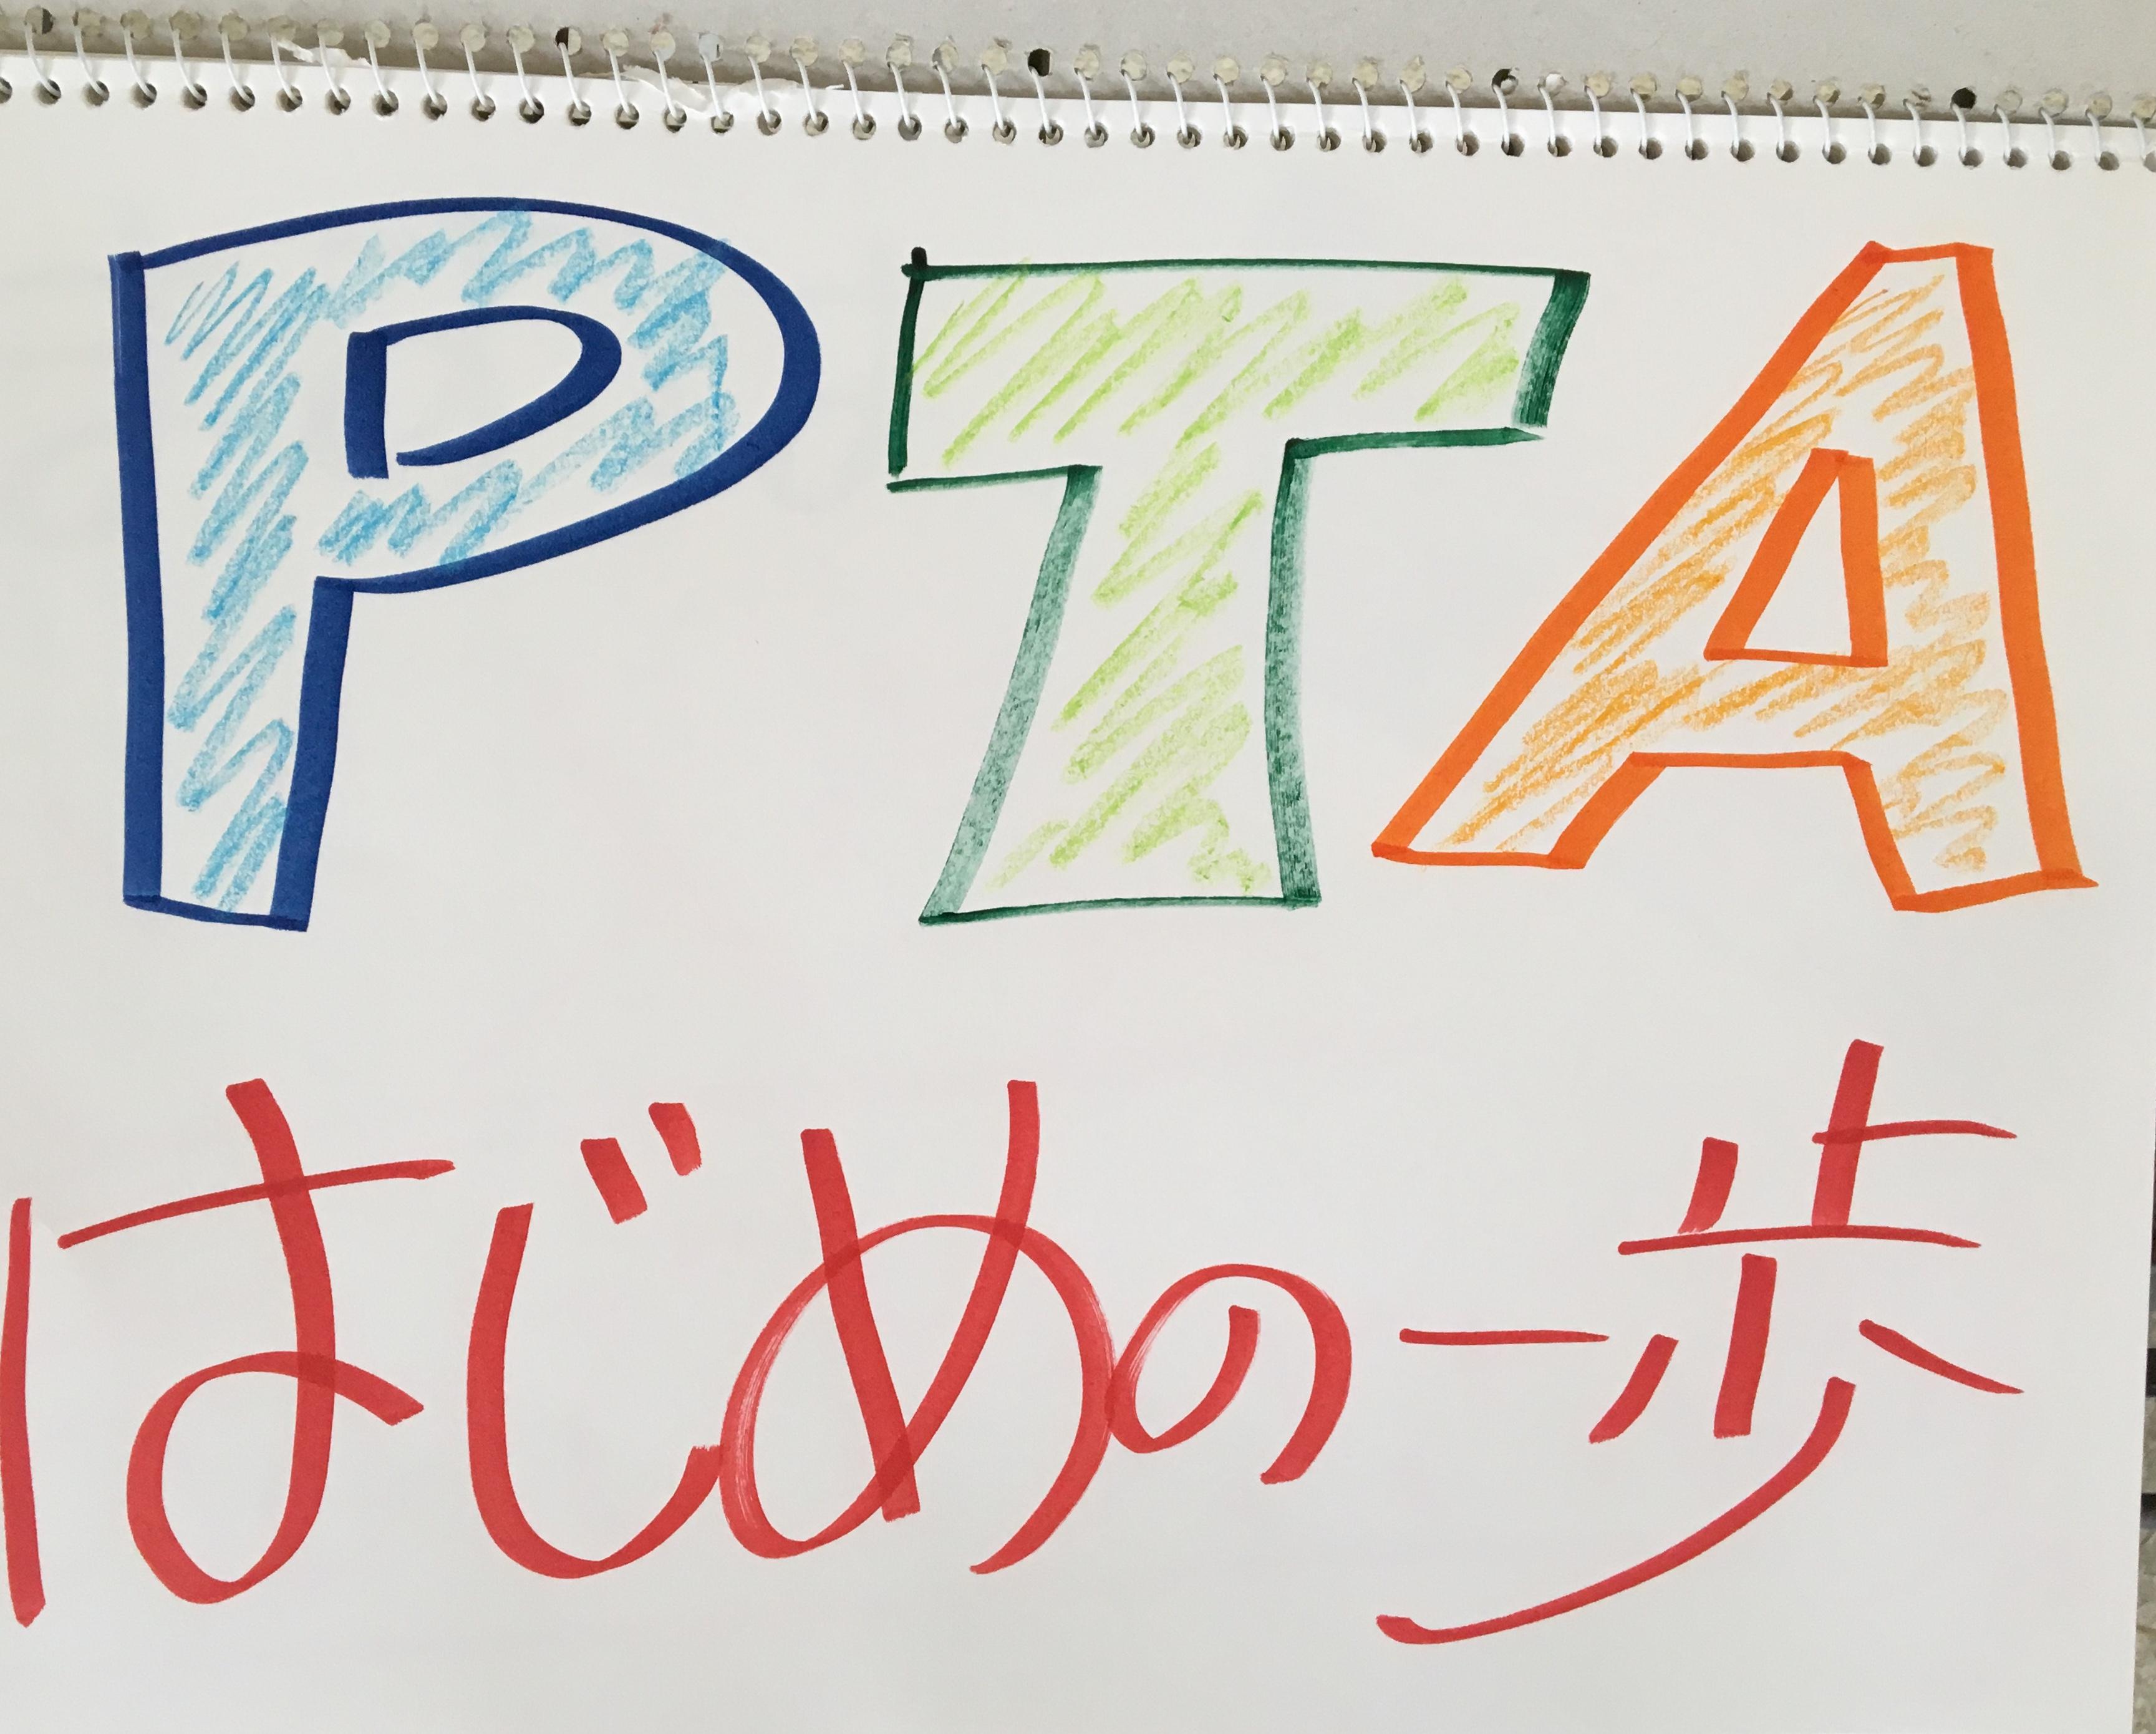 祝ご入学!PTA会長挨拶で紙芝居&クイズをしました〜PTA活動は「トムソーヤのペンキ塗り」のノリでいきます